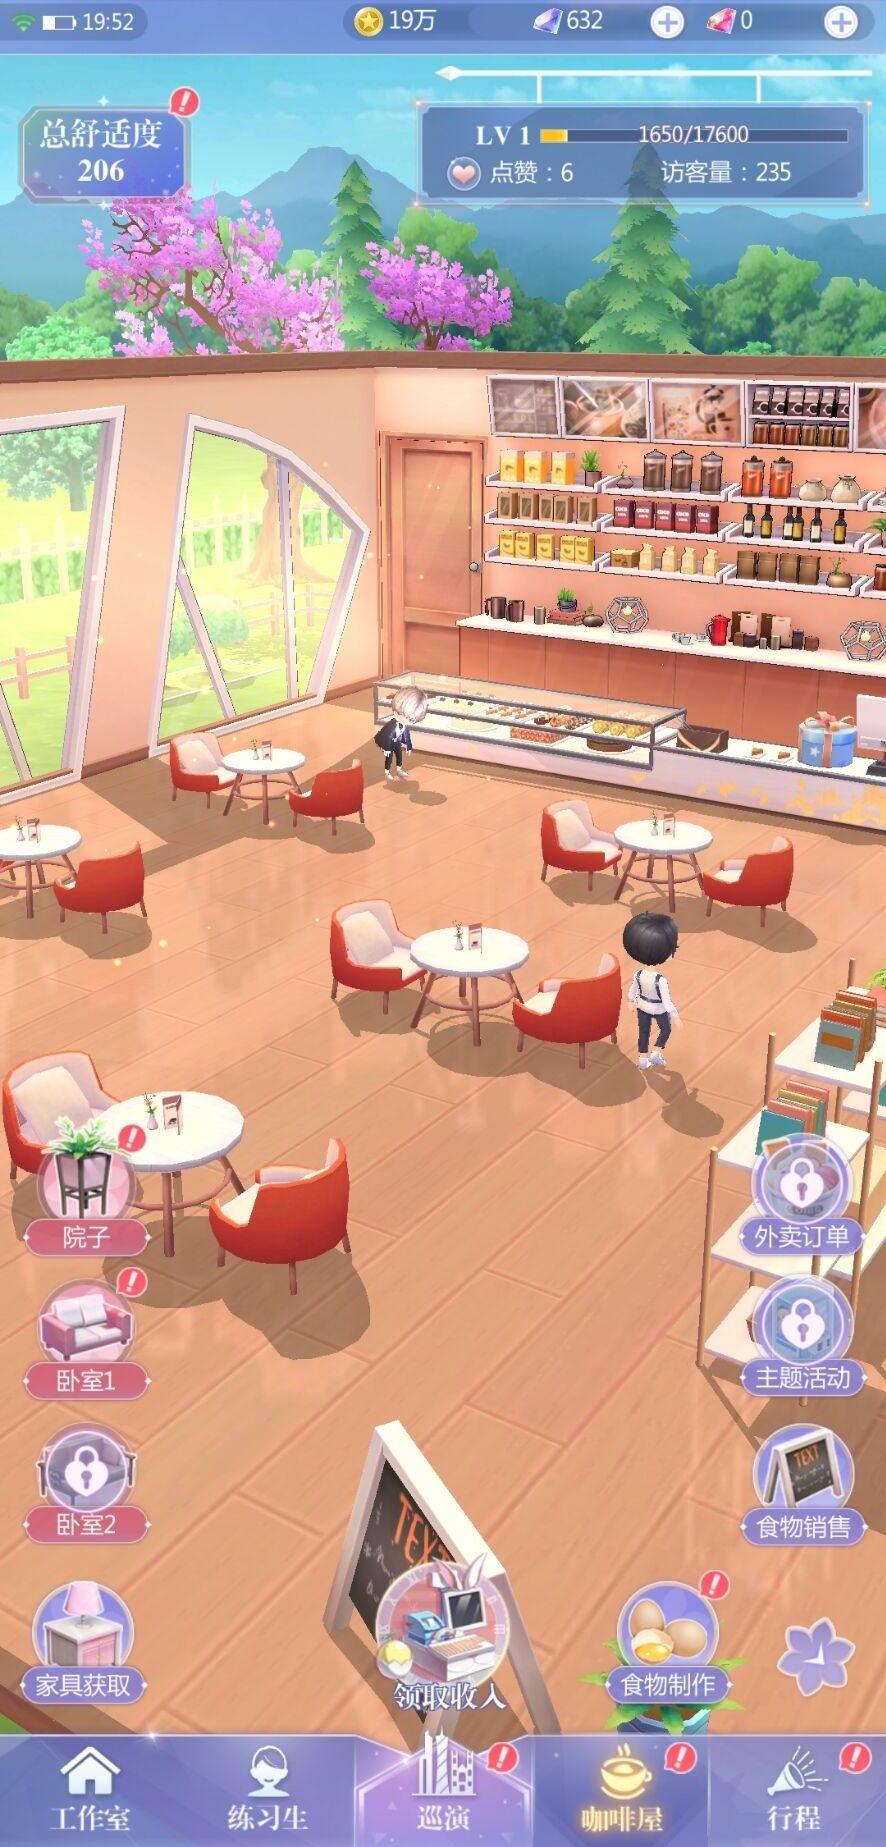 偶像请就位咖啡屋食材获取攻略 食材获取途径及技巧分享